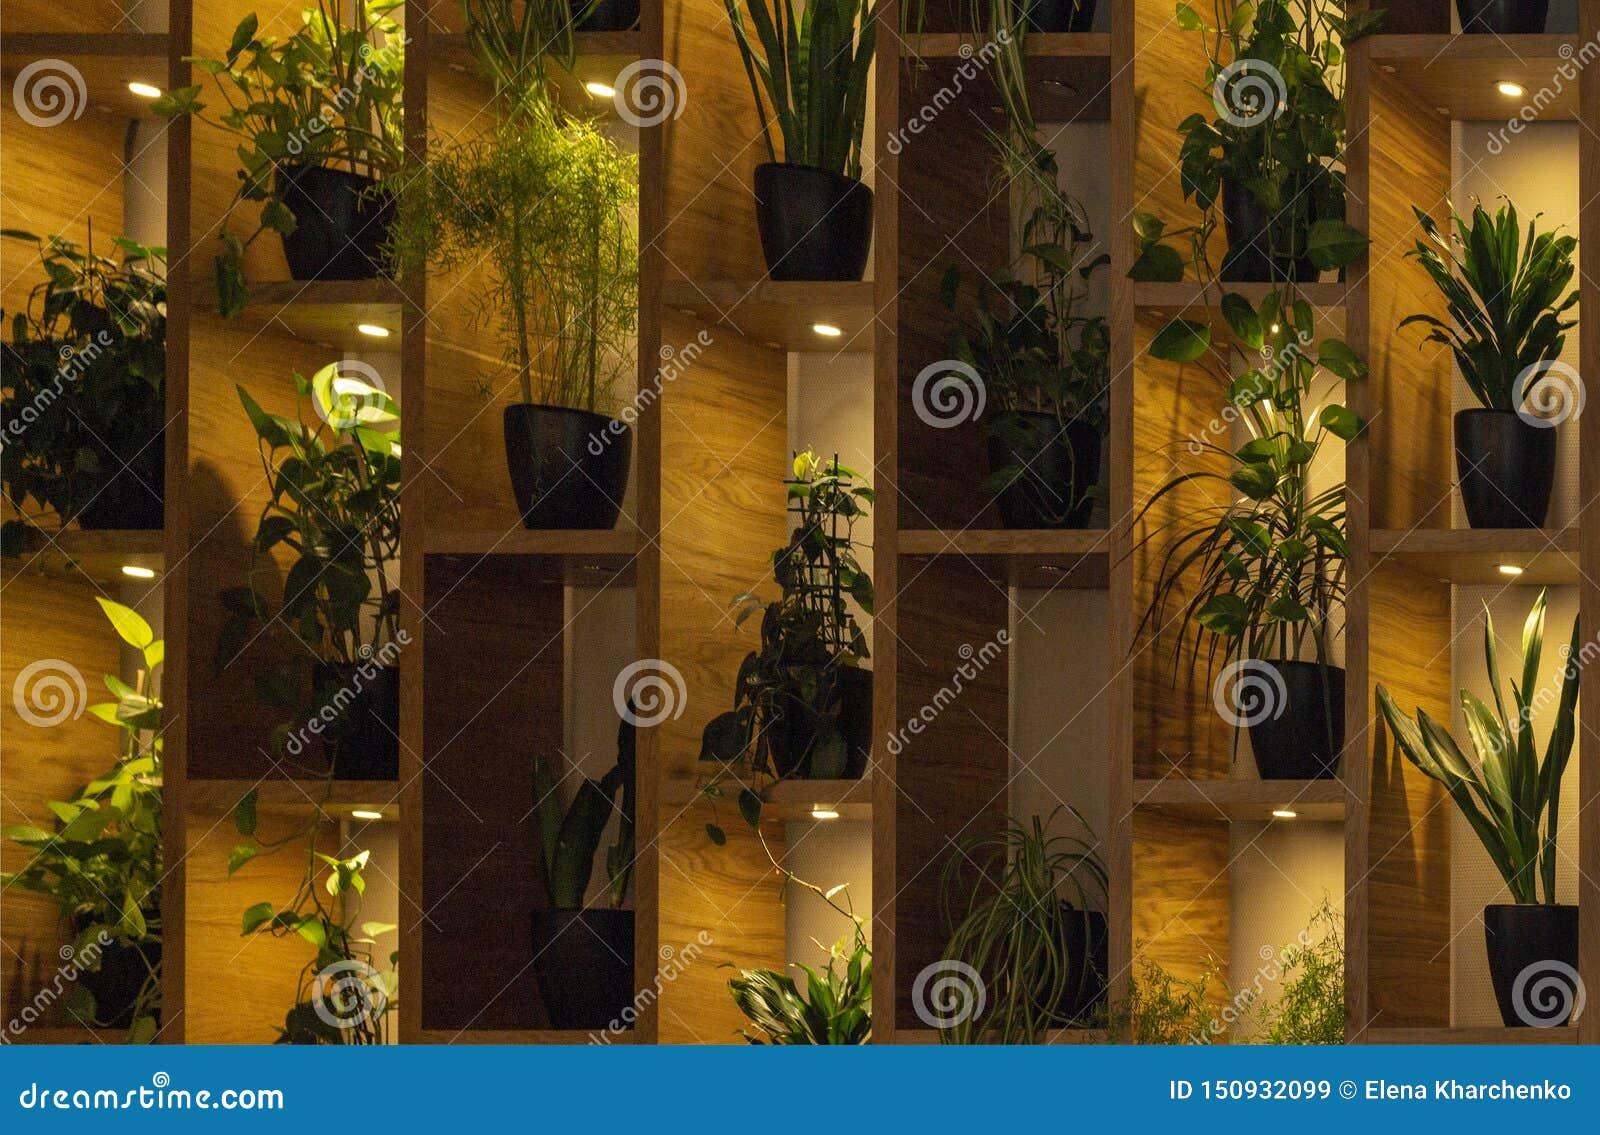 Muur van planken met bloemen in pot backlit van lampen Binnenlands